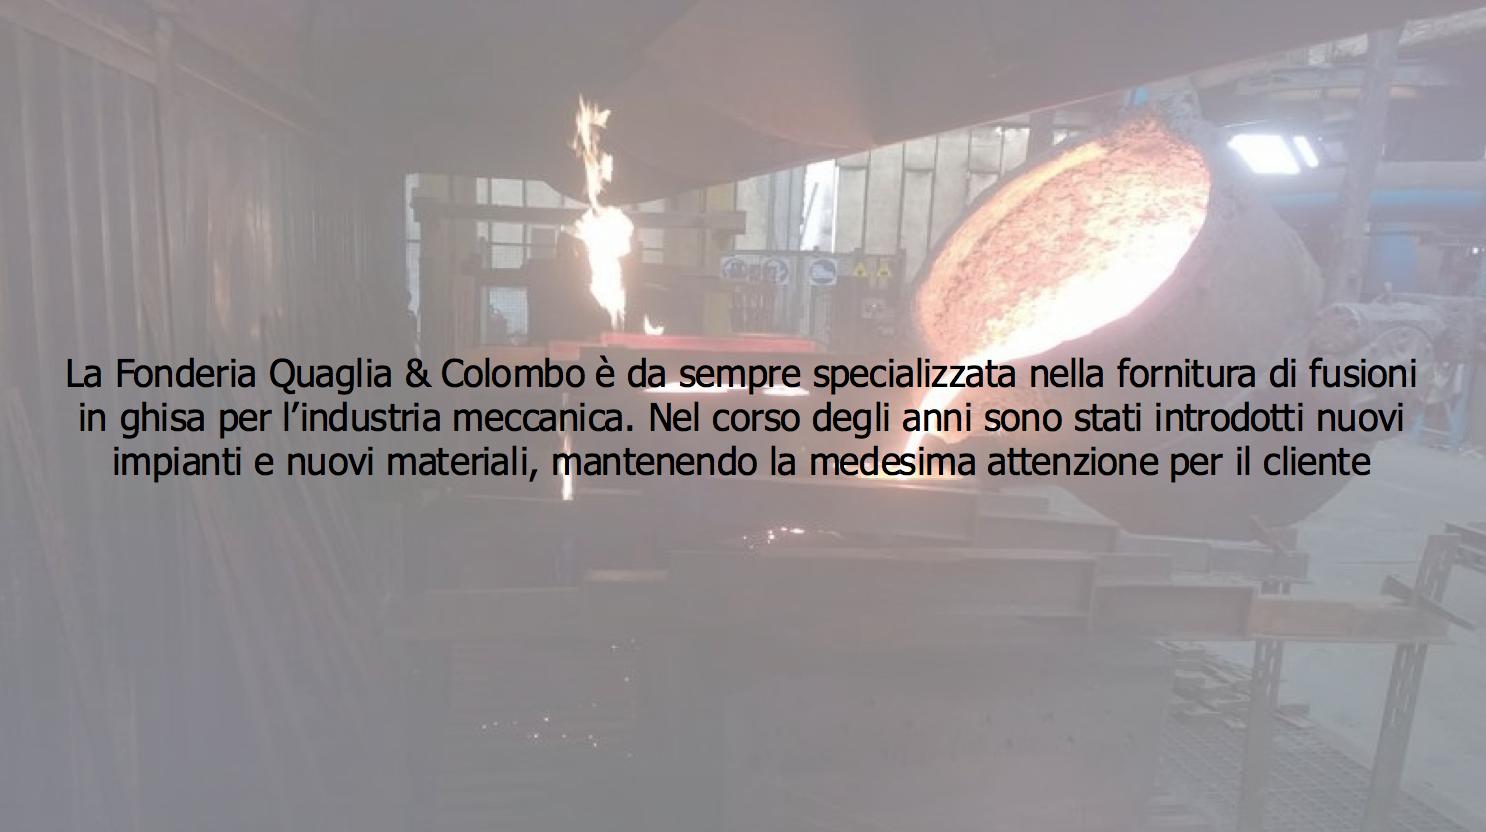 FONDERIA QUAGLIA & COLOMBO SRL